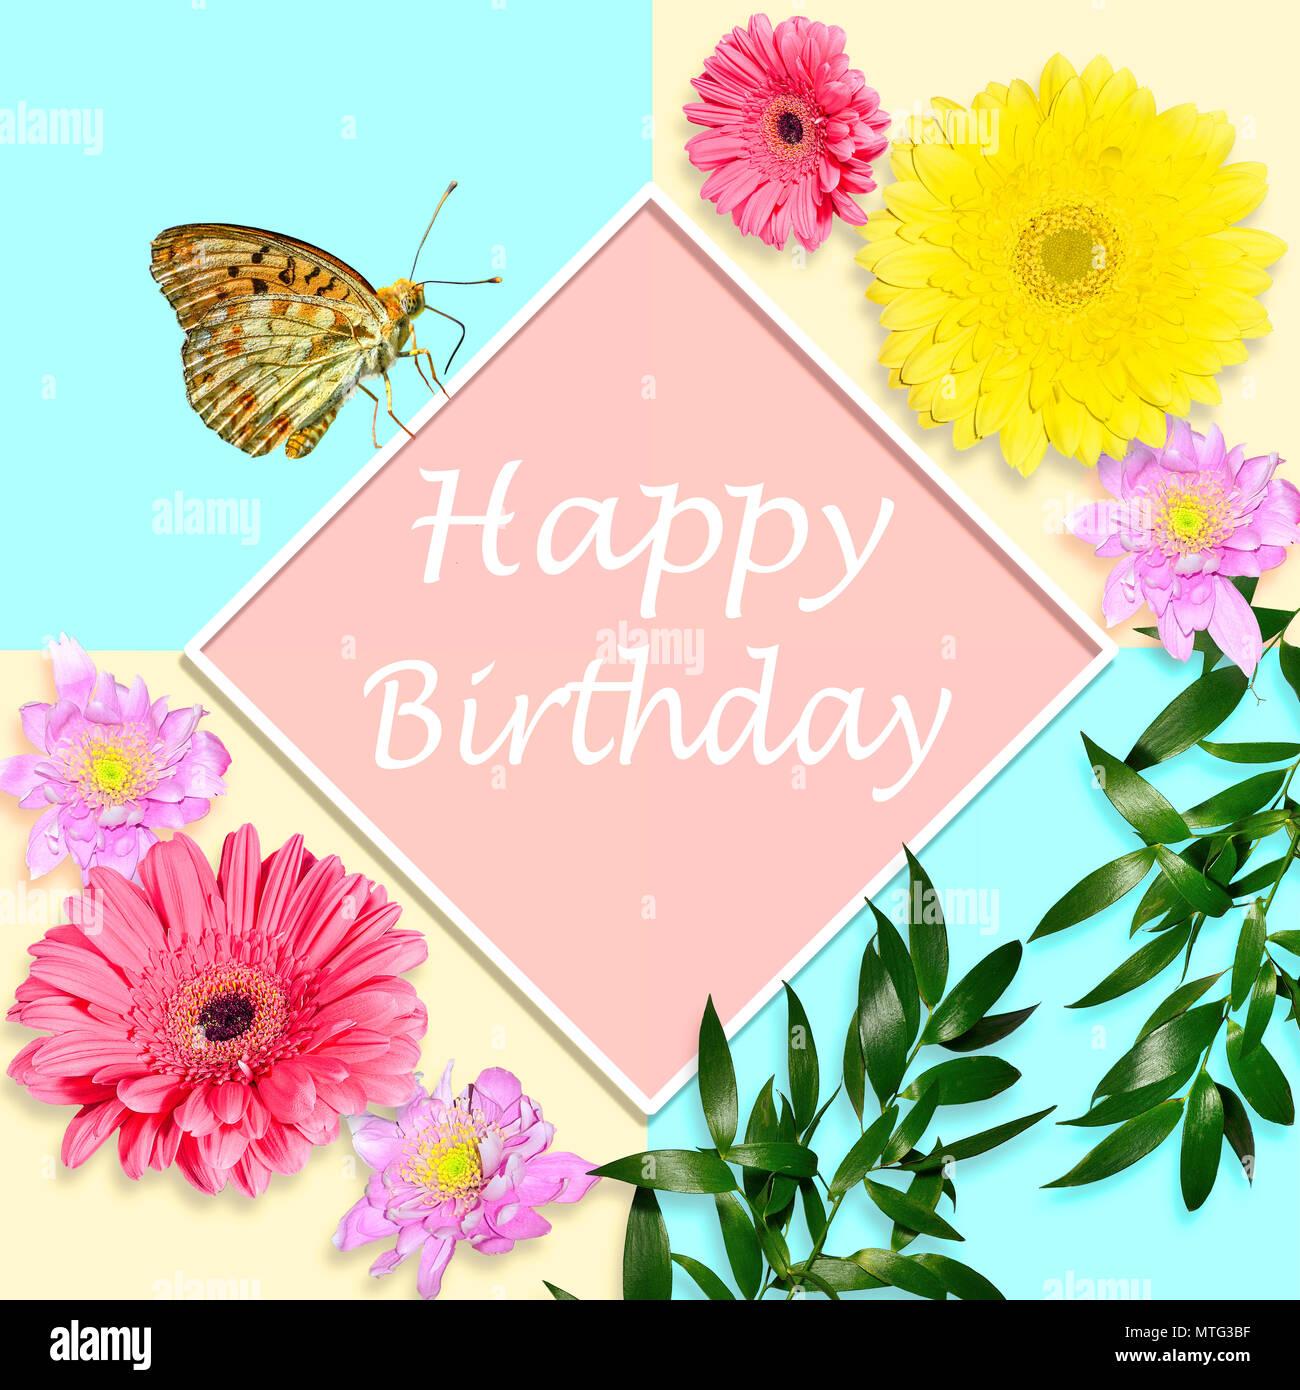 Happy Birthday Spring Flowers Stockfotos & Happy Birthday Spring ...